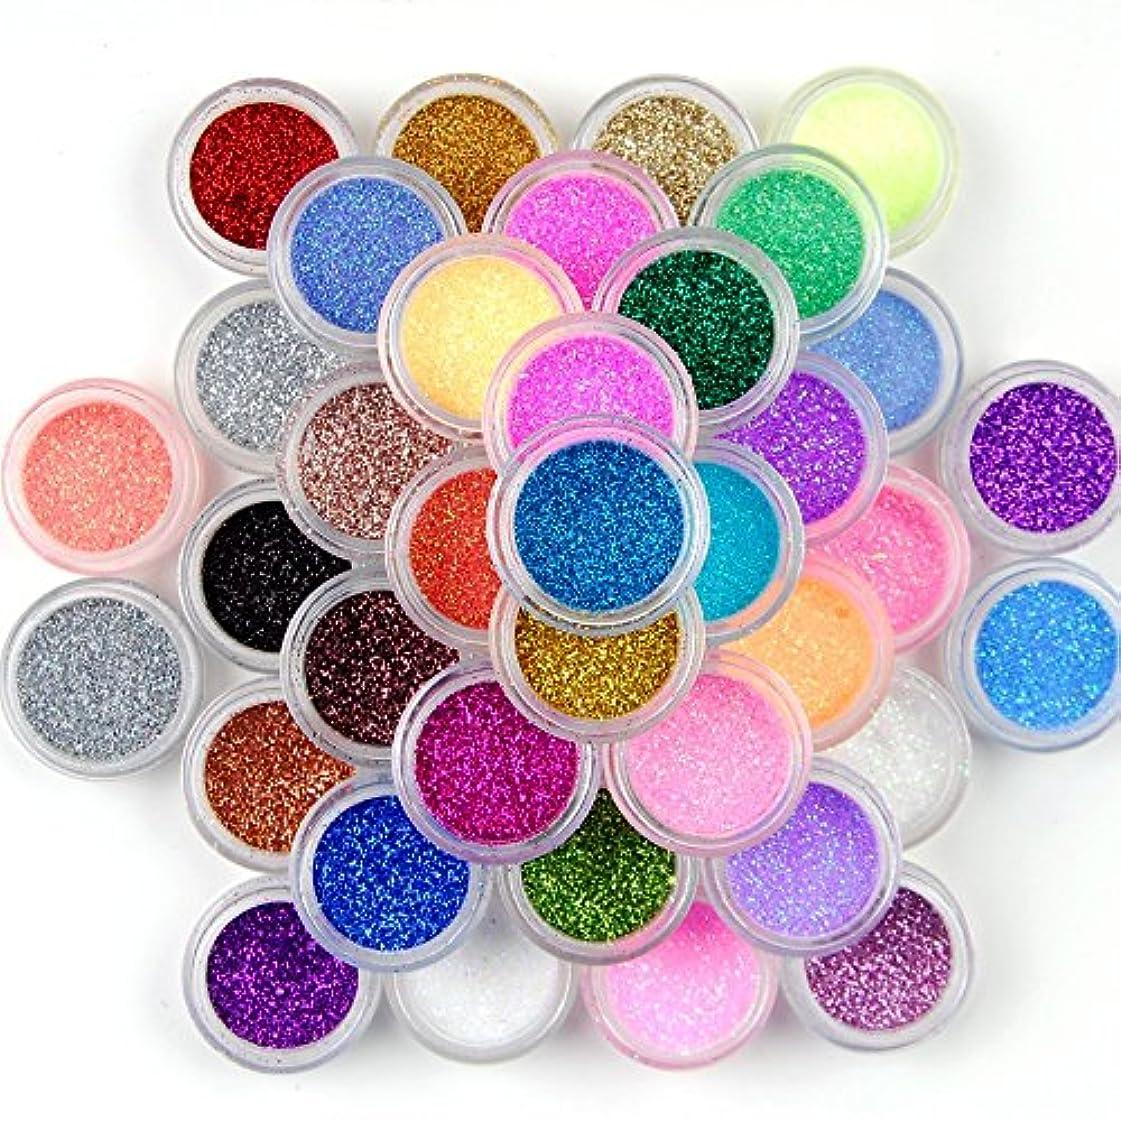 チャーミング補体スクラップ12個ネイルアートDust Glitter Powder DIY装飾ヒント、色ランダム